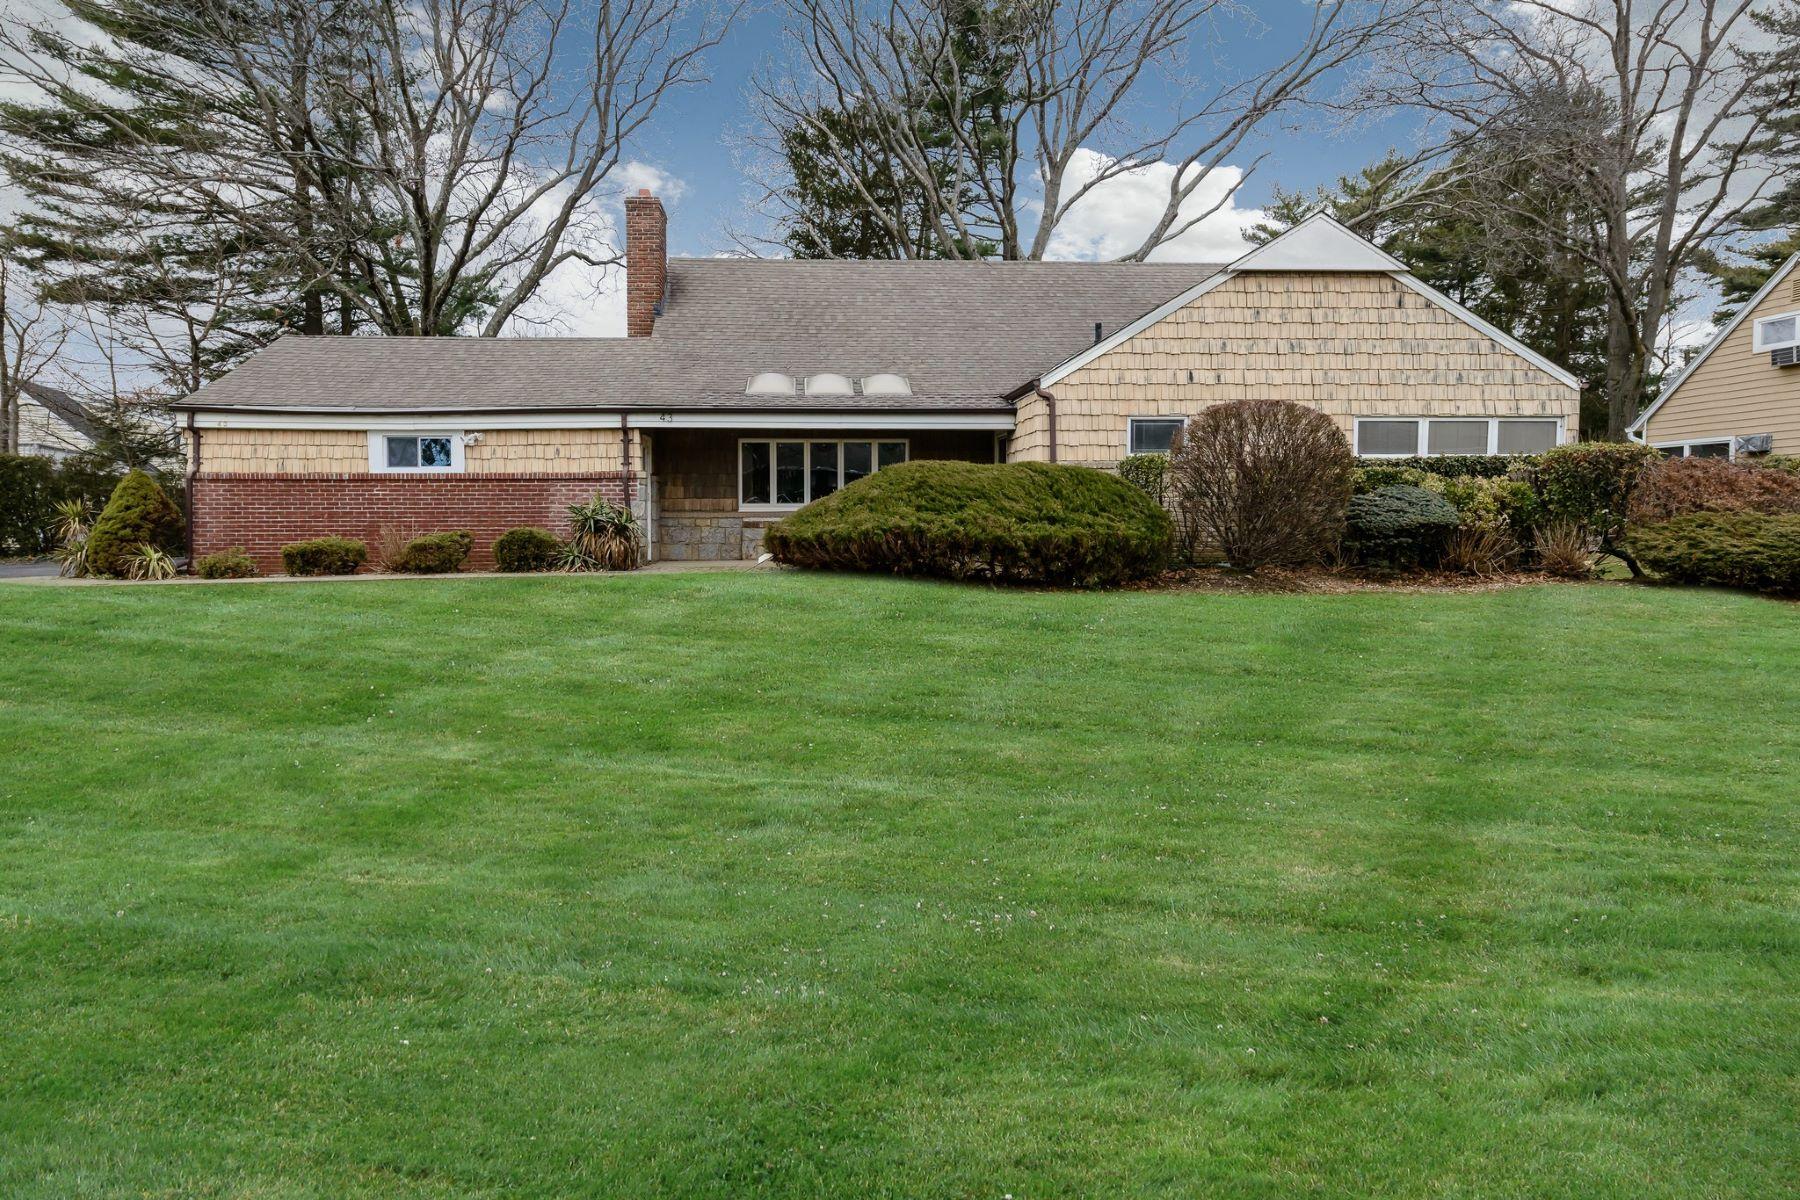 独户住宅 为 销售 在 43 Westwood Cir , East Hills, NY 11577 43 Westwood Cir, 东希尔斯, 纽约州, 11577 美国